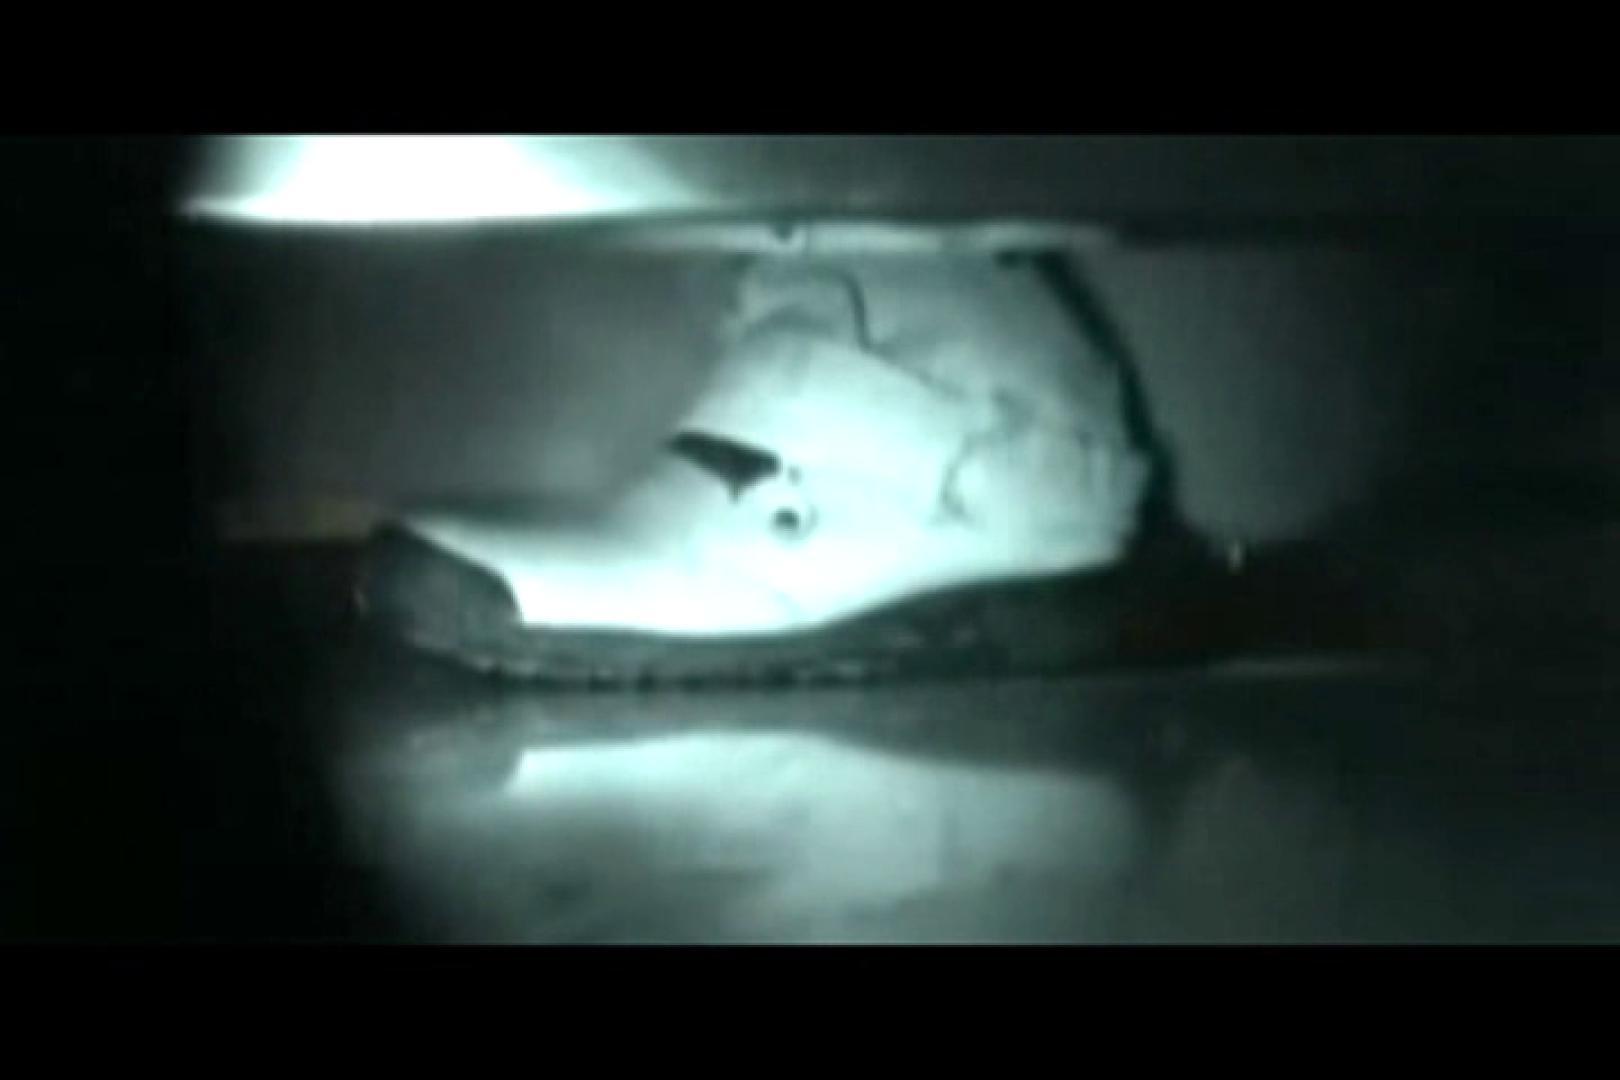 ぼっとん洗面所スペシャルVol.17 OLエロ画像  74PICs 27